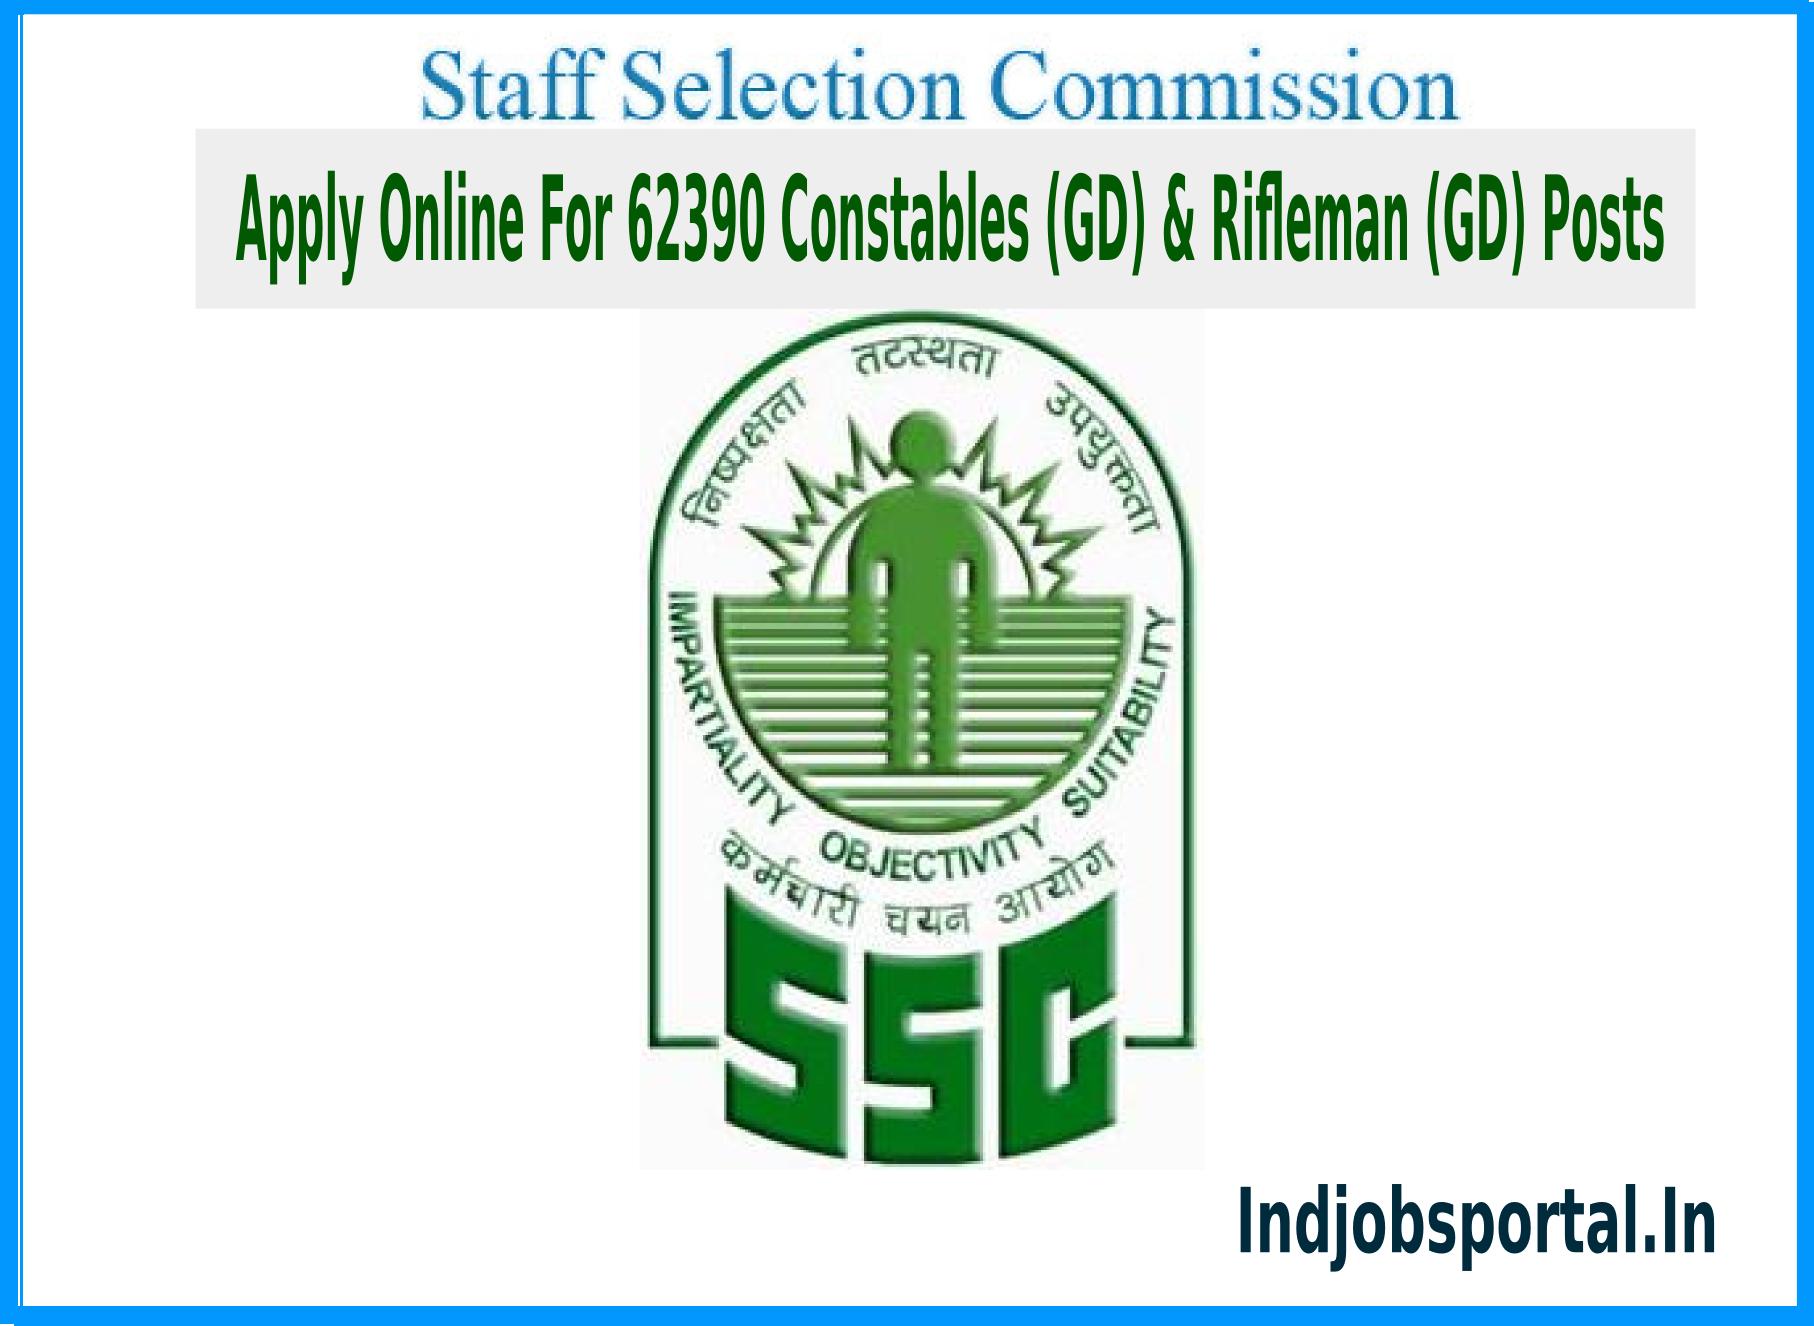 SSC Recruitment 2015 Apply Online For 62390 Constables (GD) & Rifleman (GD) Posts